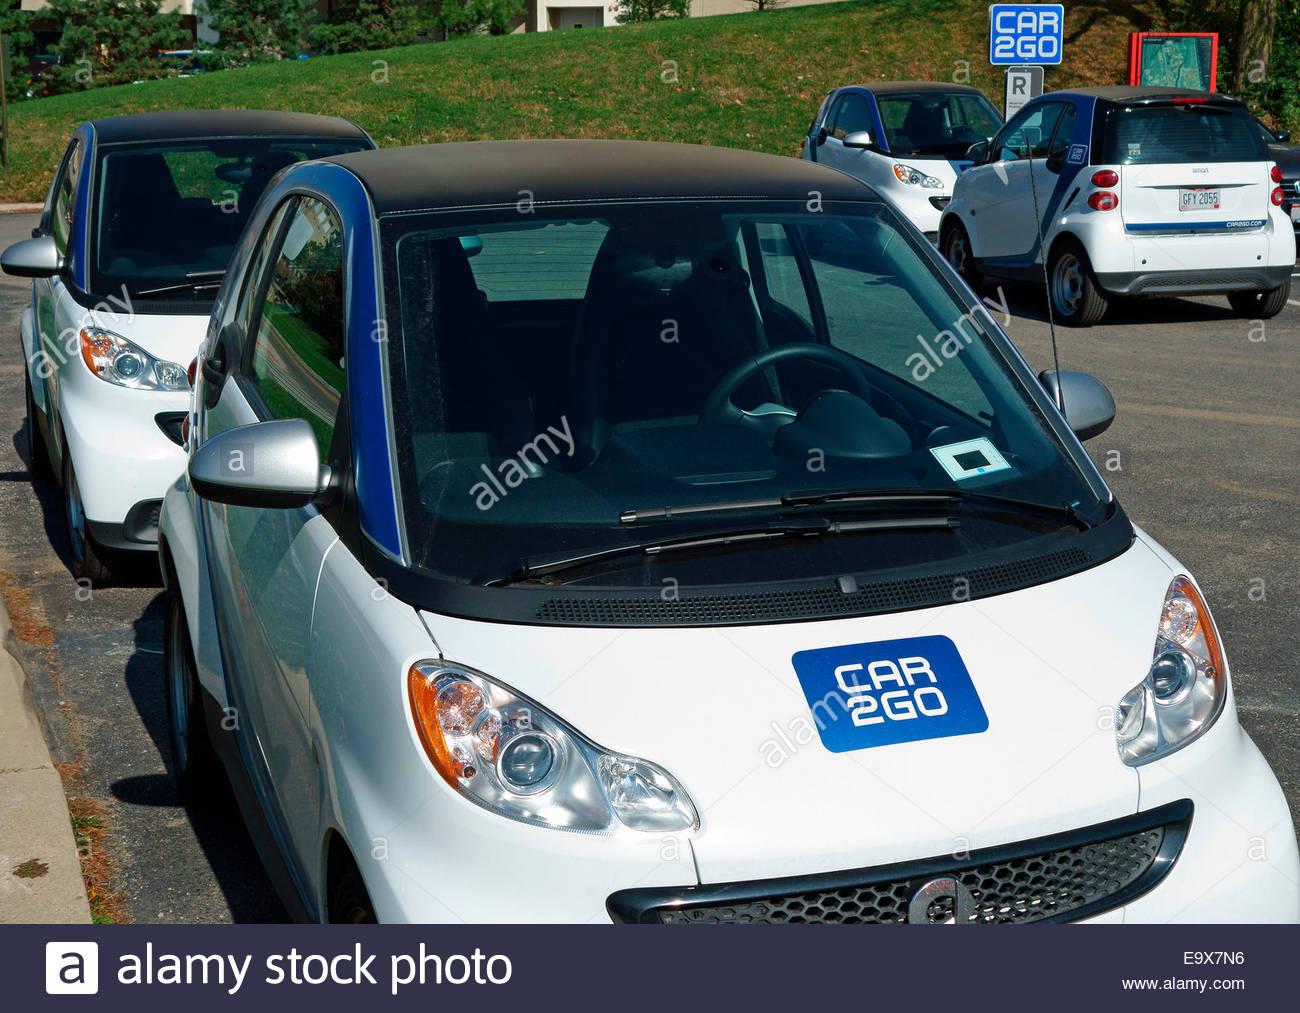 Rental Cars Stock Photos Amp Rental Cars Stock Images Alamy